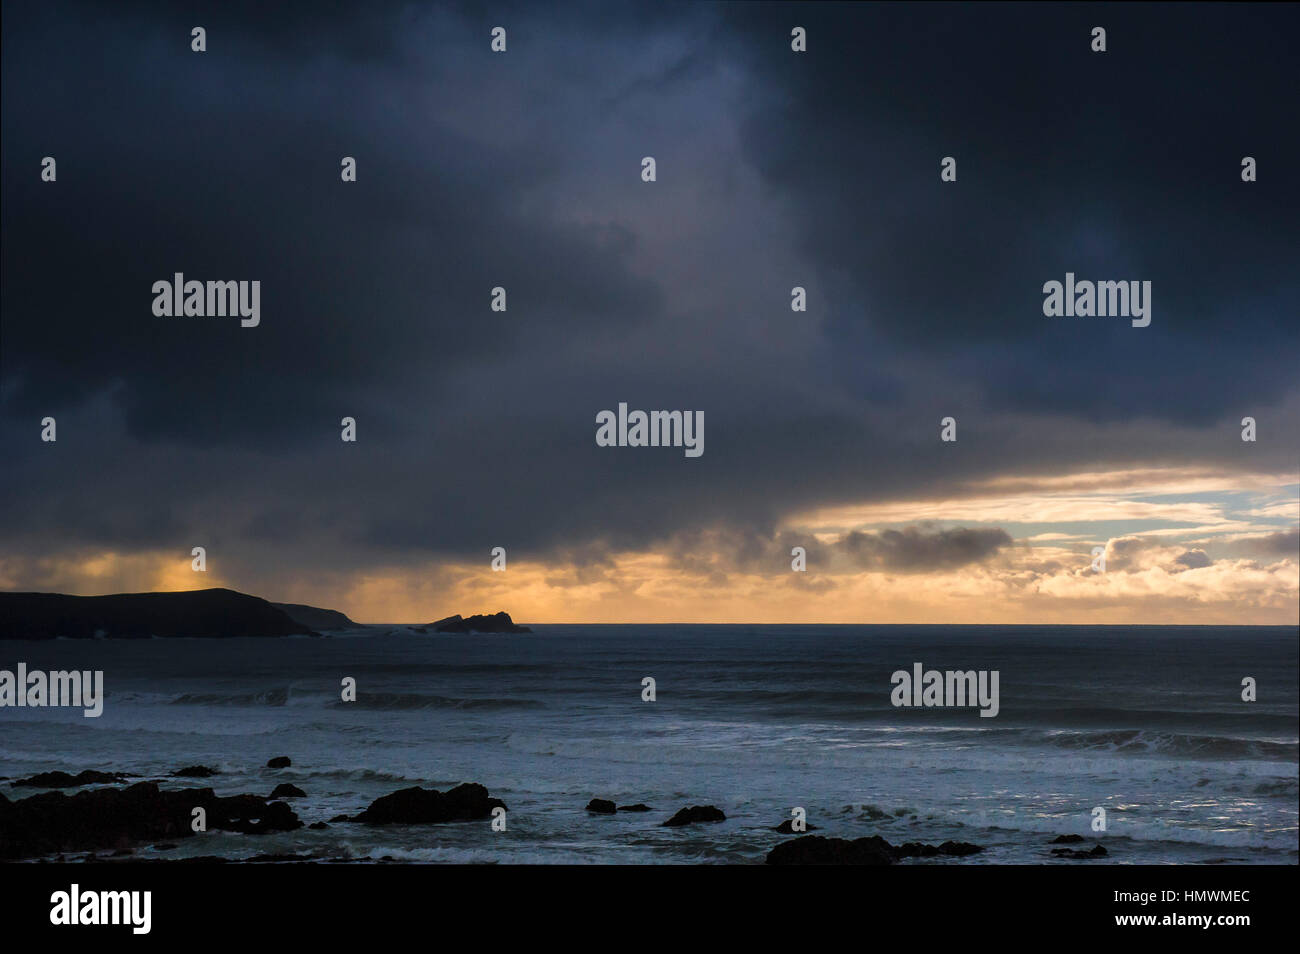 Oscuro, amenazando tormenta nubes pasan a lo largo de la costa de Newquay en la costa norte de Cornwall. El clima Imagen De Stock